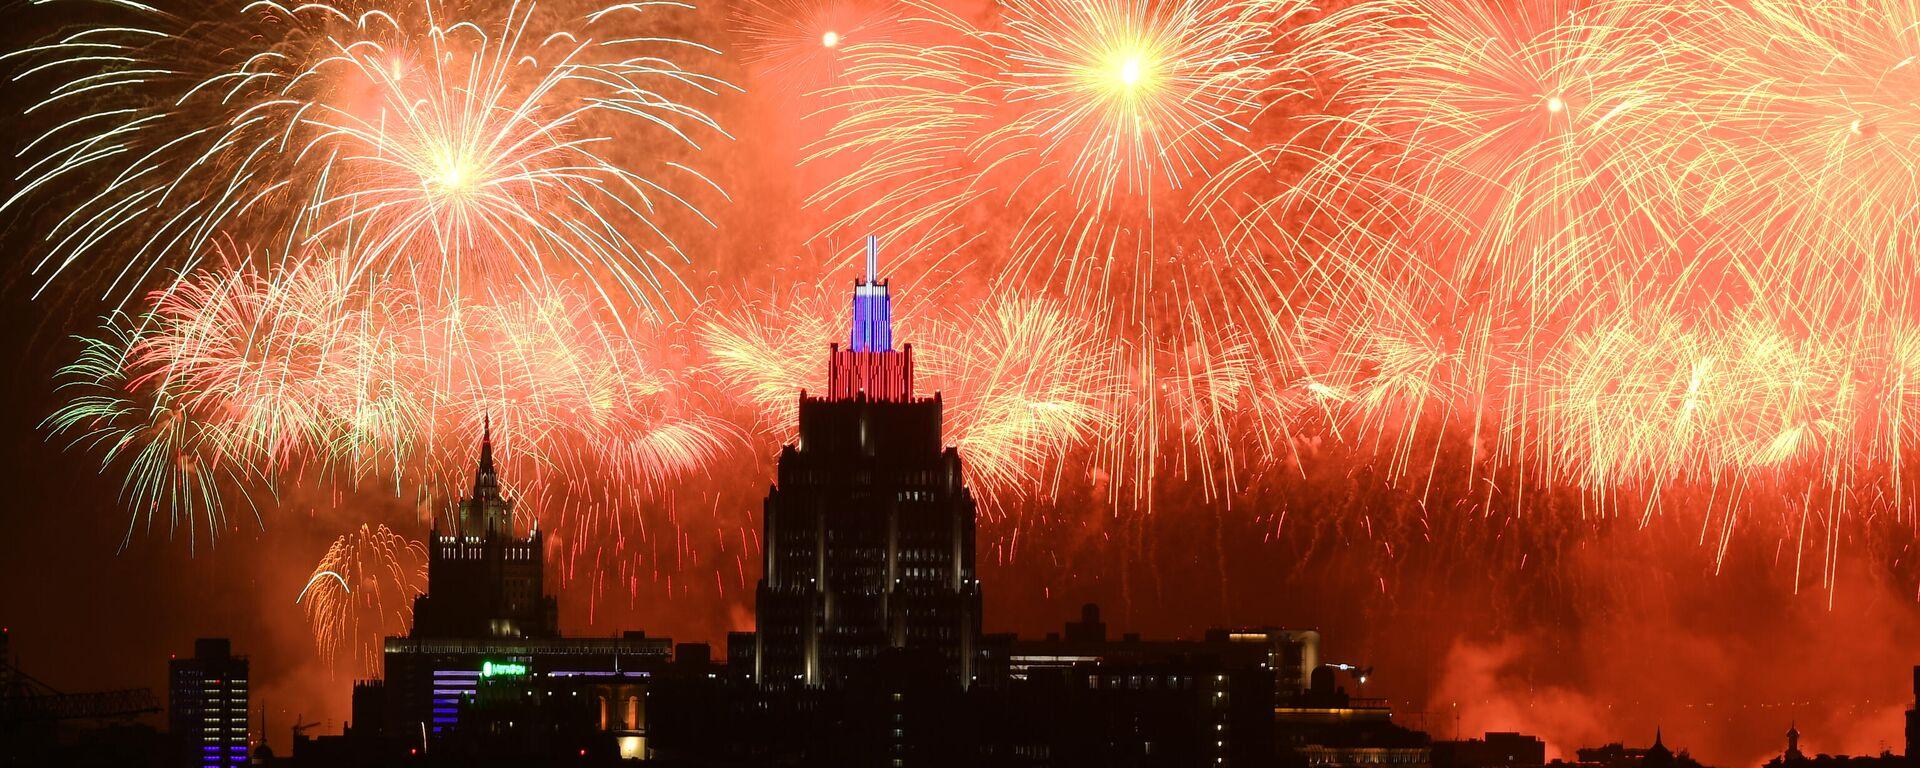 Fuegos artificiales con motivo del Día de la Victoria - Sputnik Mundo, 1920, 09.05.2021